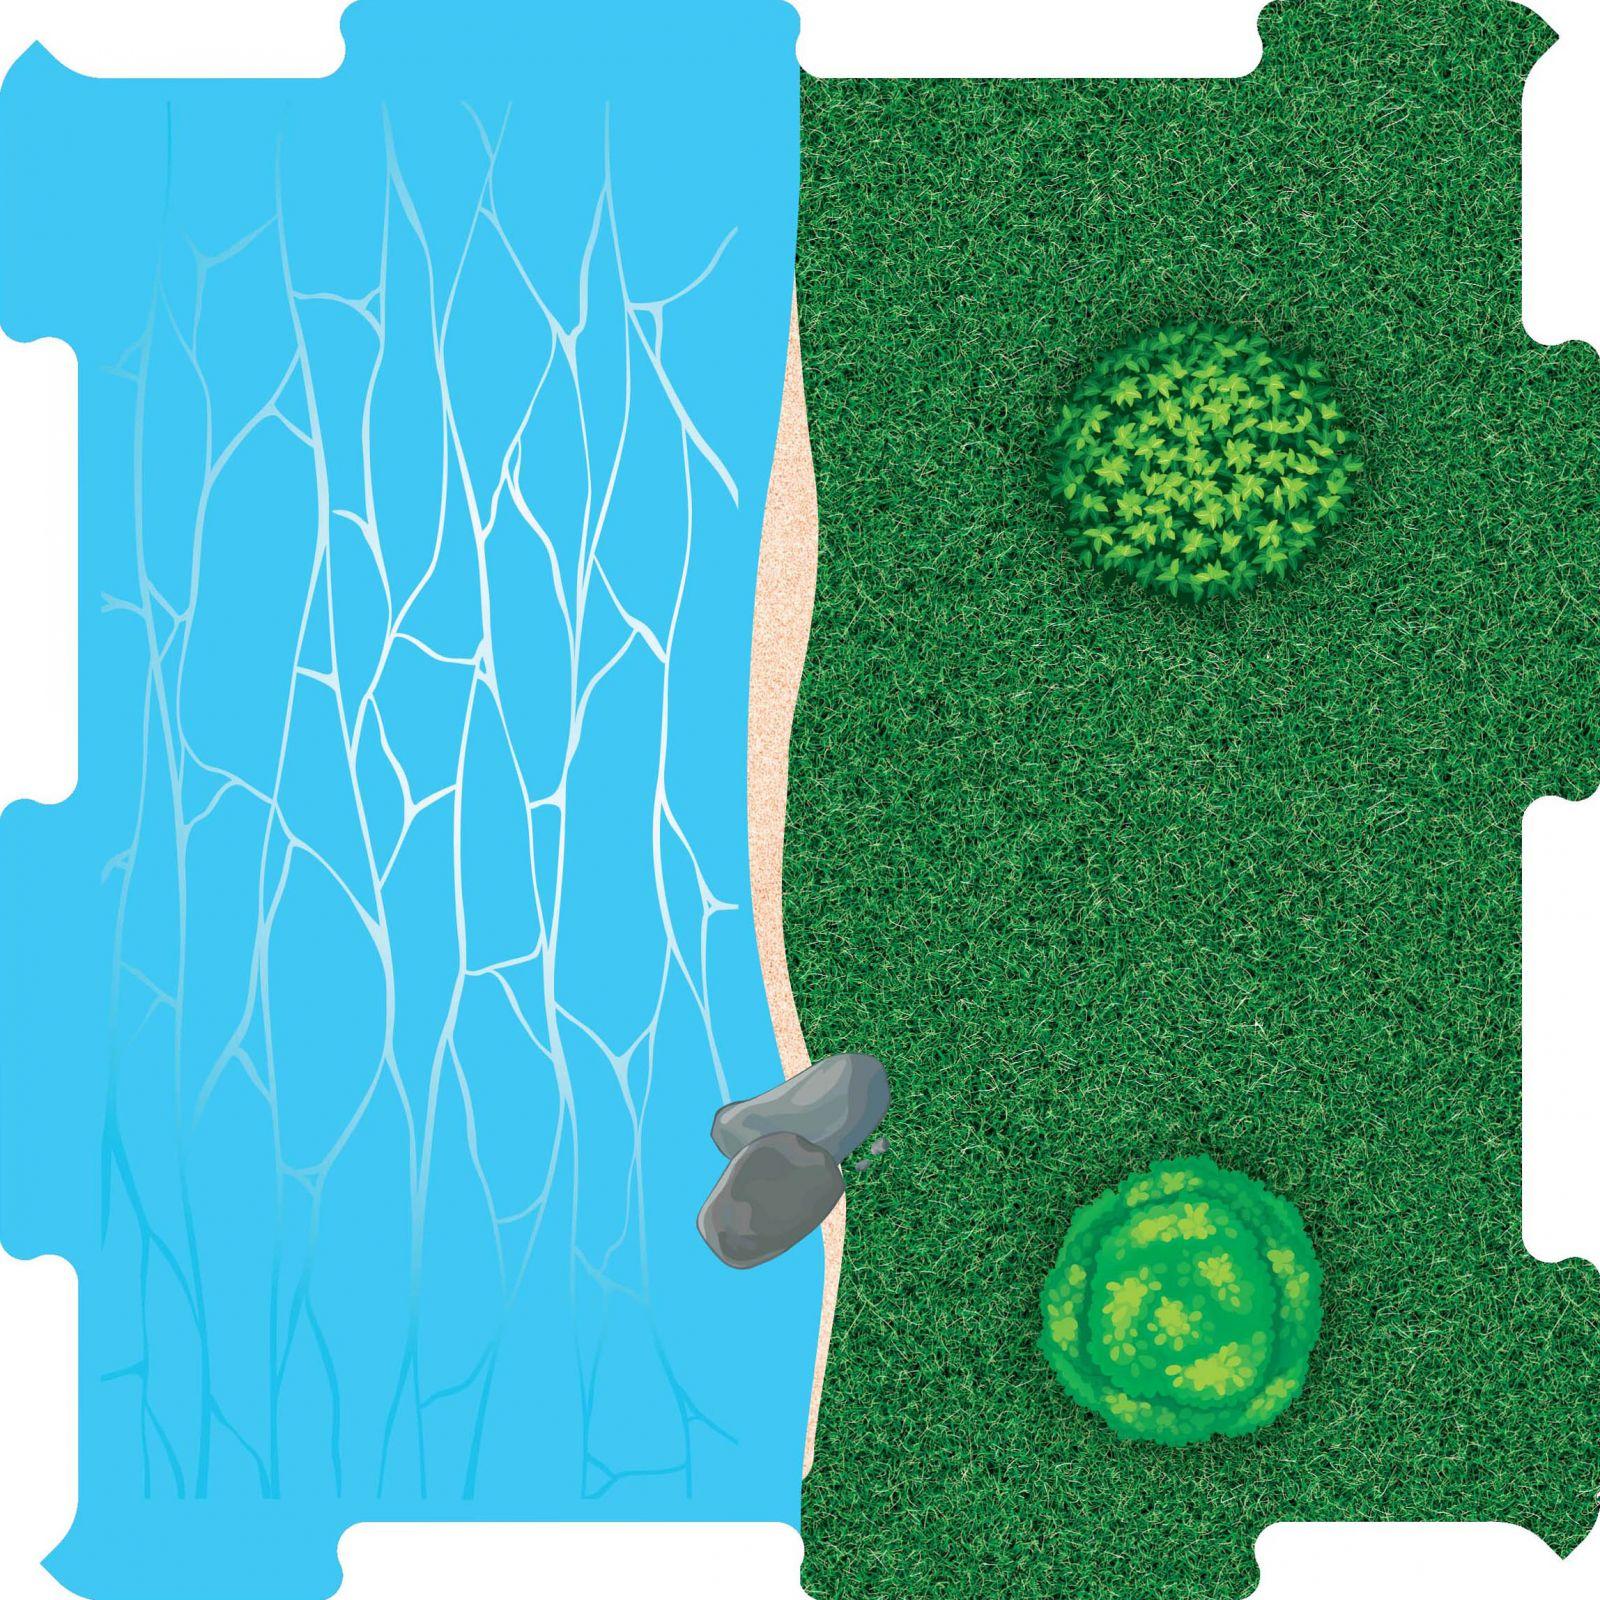 Podlahove puzzle vodni plocha pobrezi v.2